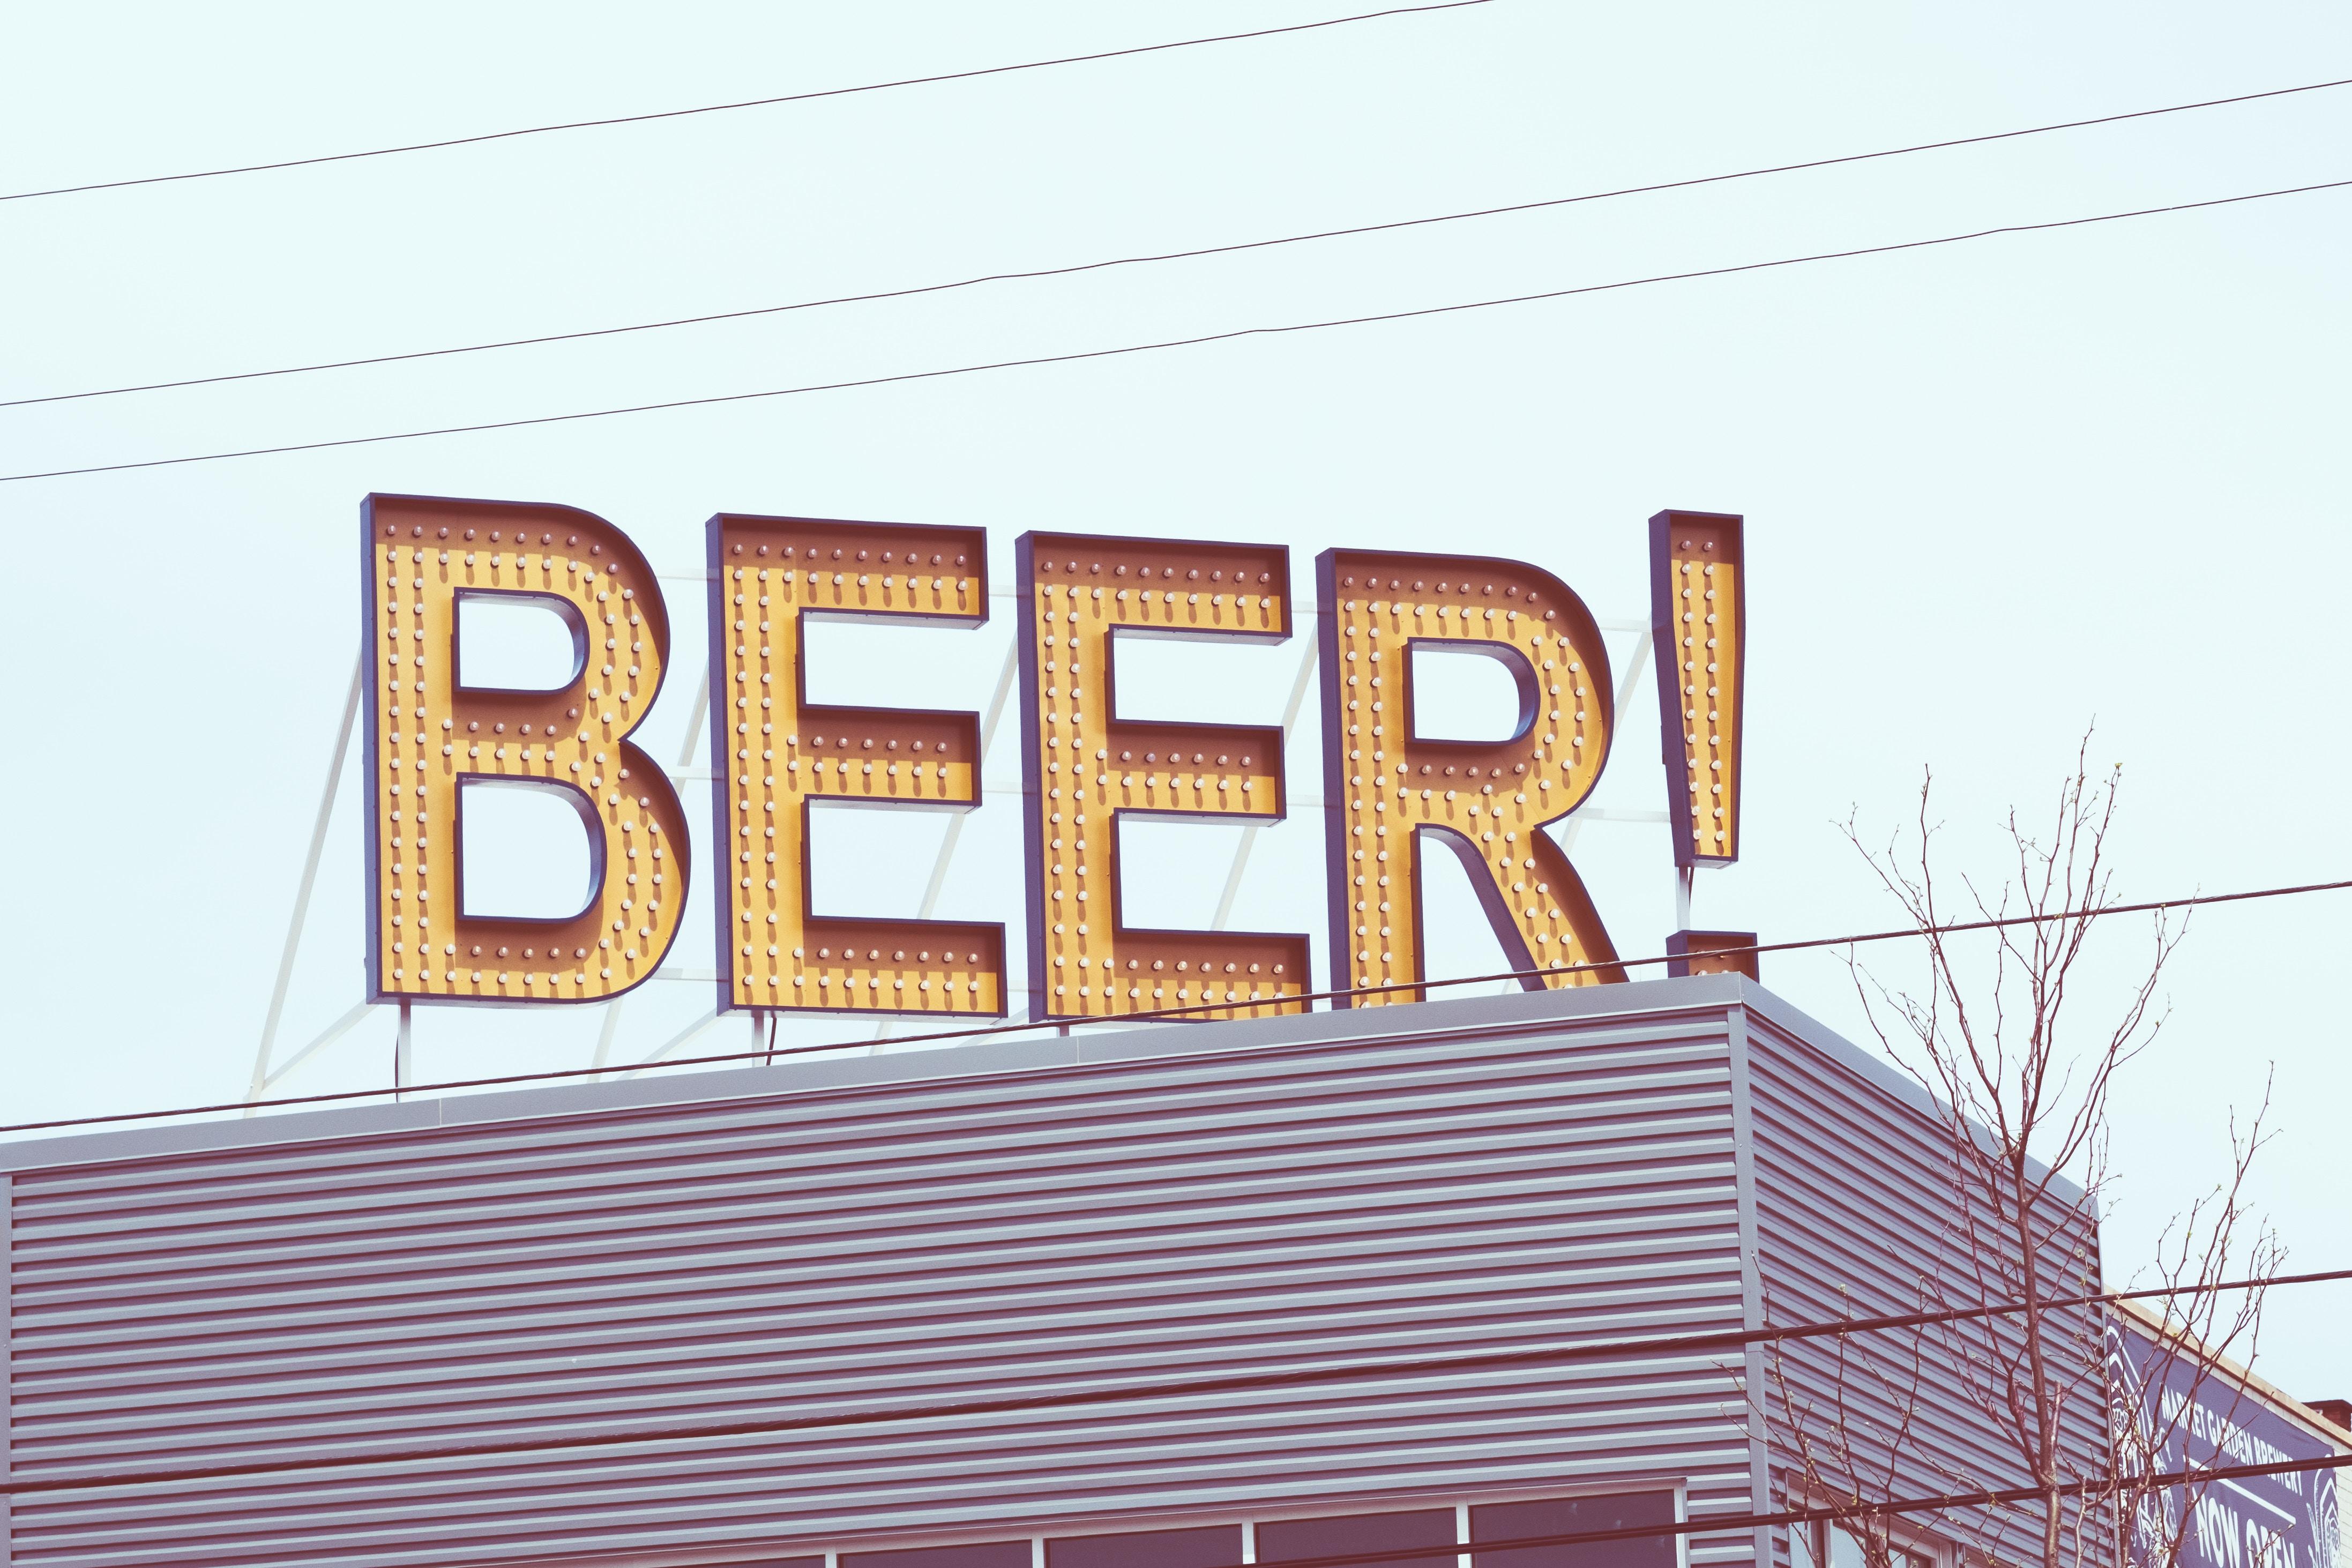 Bier wordt gezien als een mannendrank. Echter zijn wij vrouwen er ook niet vies van. Nee, wat zeg ik er wordt zelfs bier gebrouwen door vrouwen. Bij Girls Who Drink hebben we de grote test gedaan welke biertjes wij echt passend vonden om voor te stellen aan jullie. Het is een lijst van 6 biertjes geworden. Benieuwd welke jullie lekker vinden?